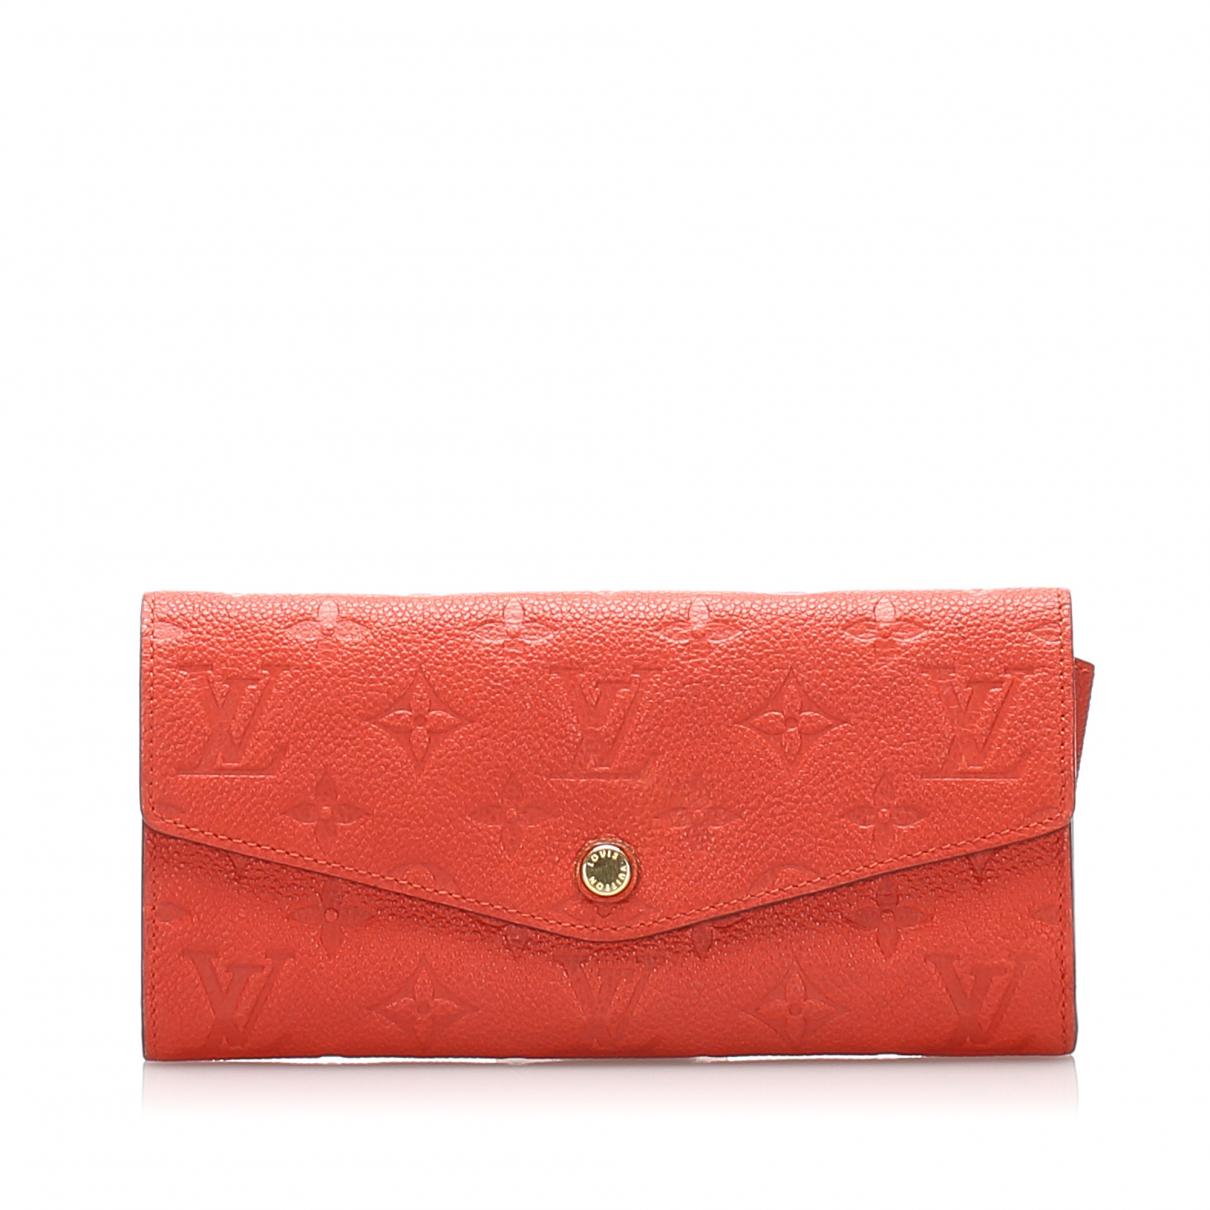 Louis Vuitton - Portefeuille   pour femme en cuir - orange